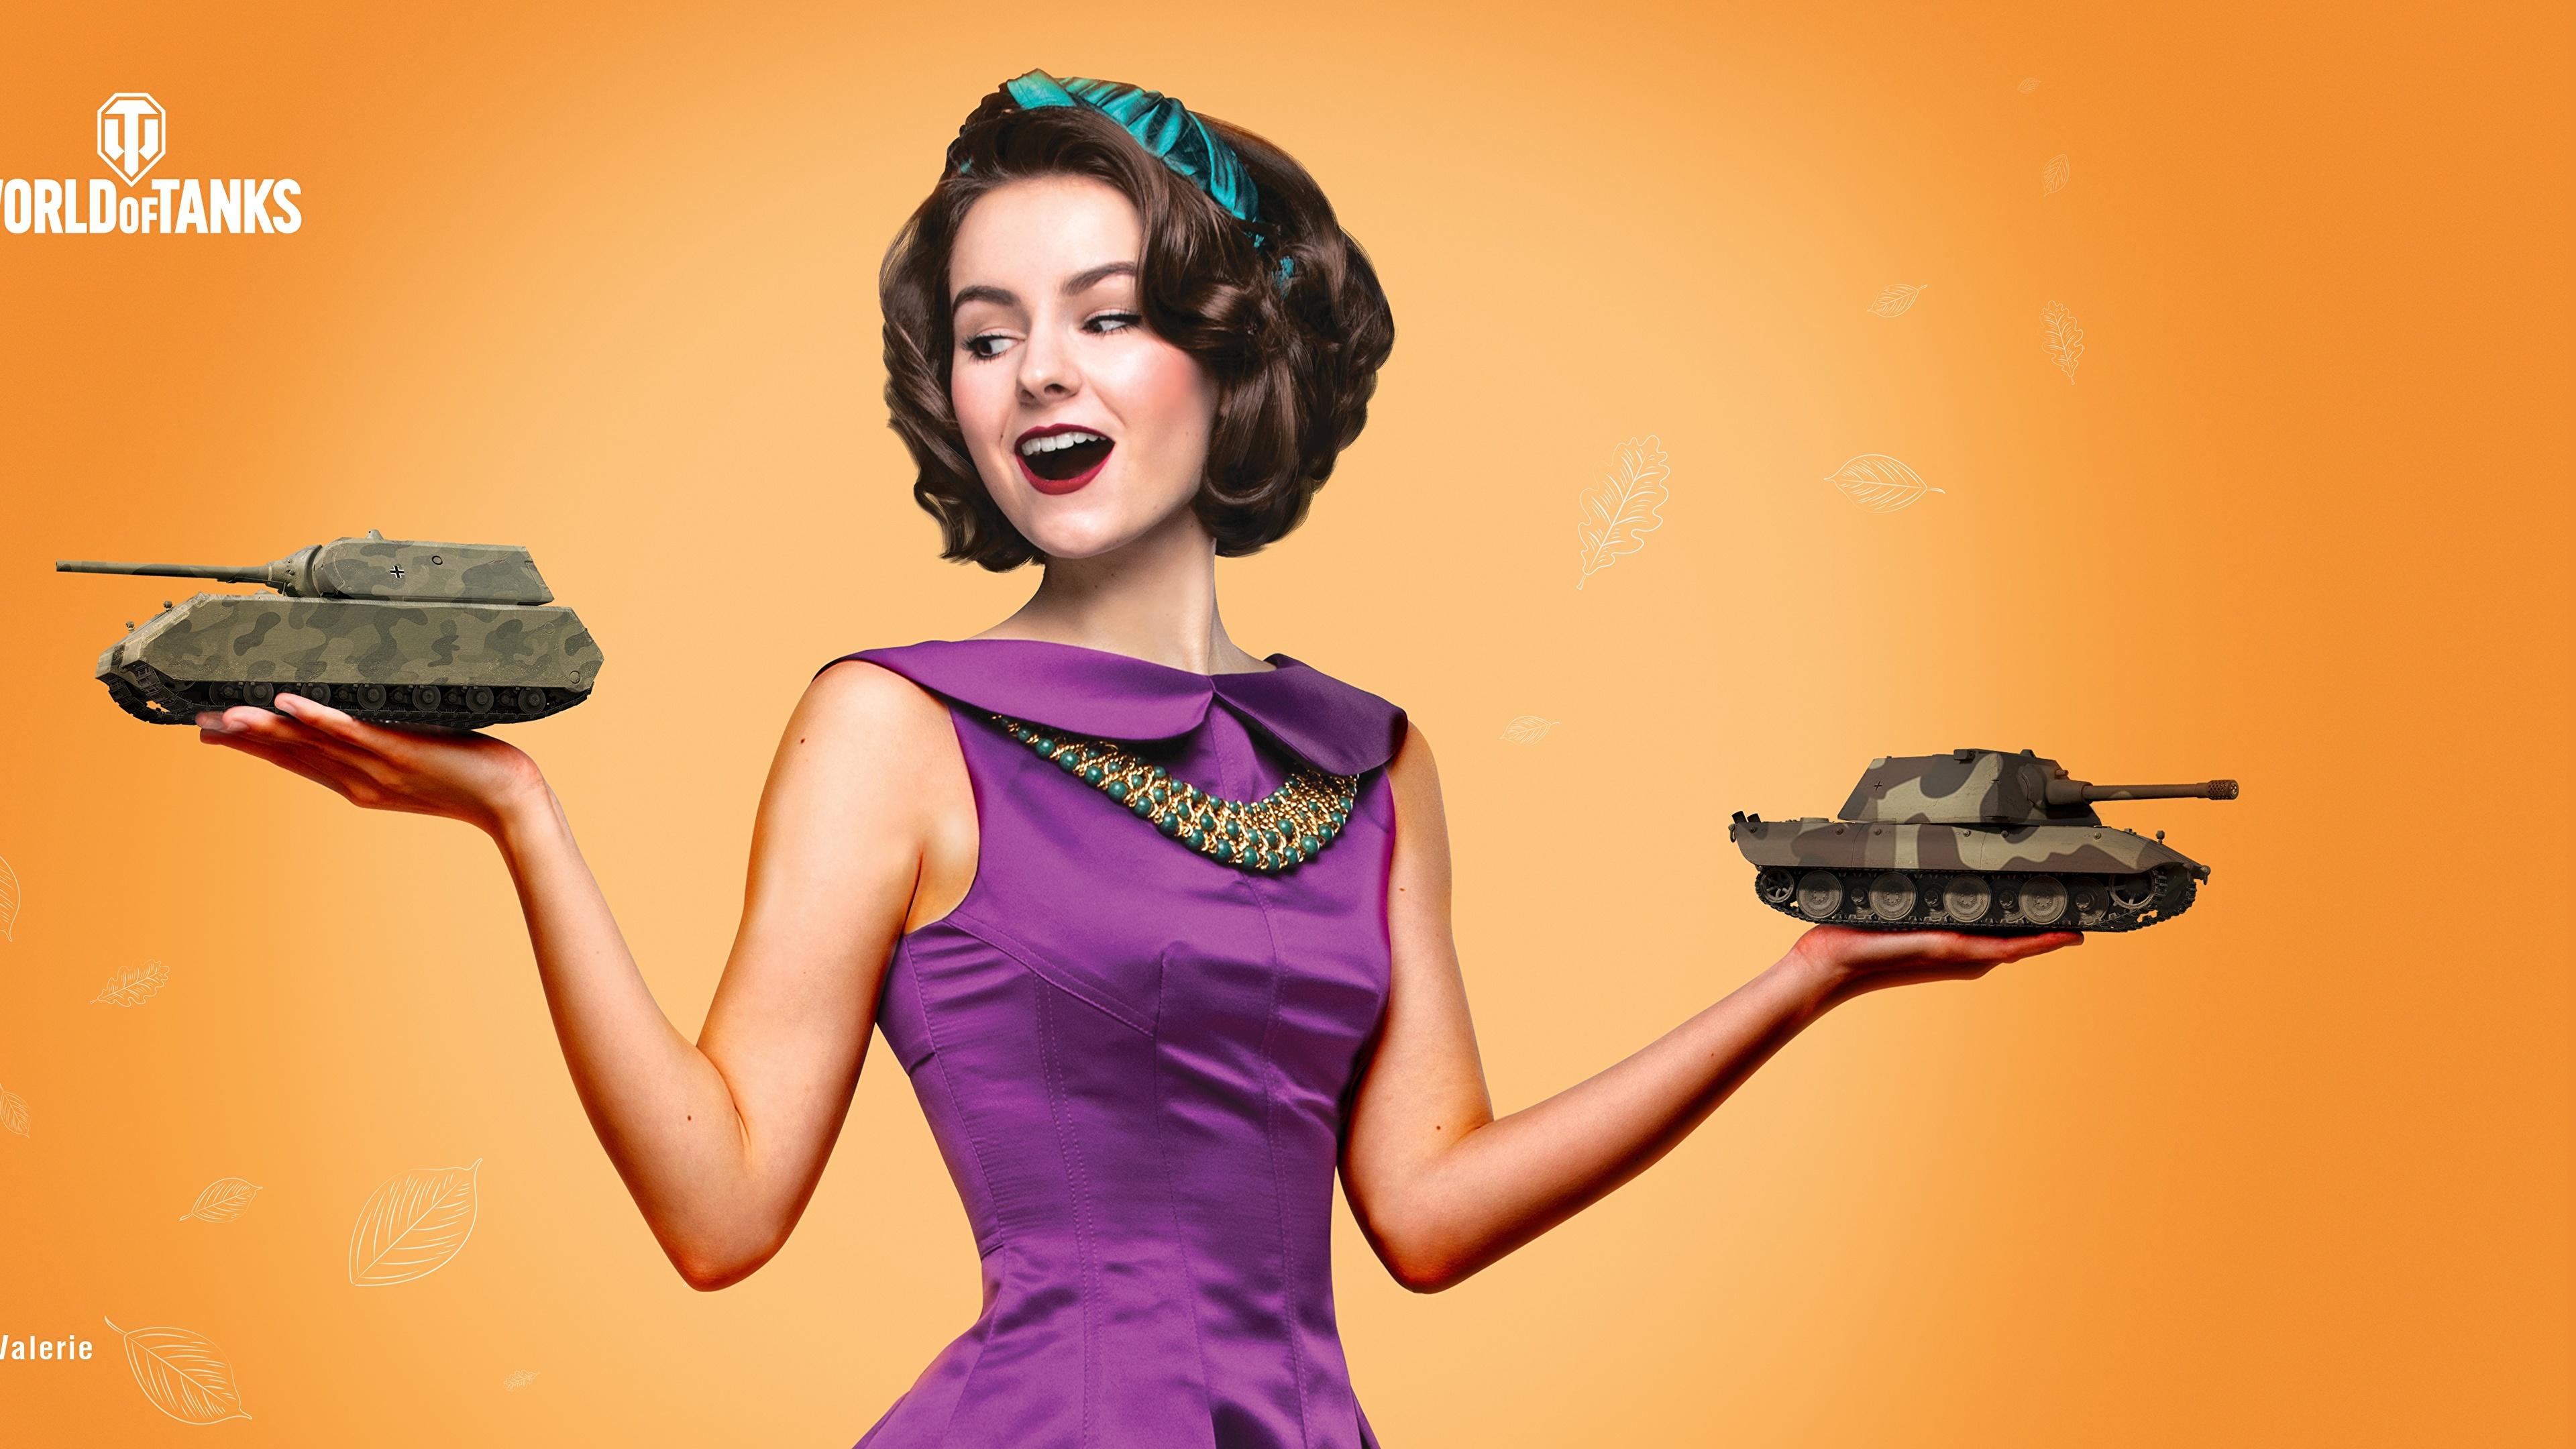 Фото World of Tanks День защитника Отечества Шатенка Valerie Причёска молодая женщина Игры Подарки Платье Цветной фон 3840x2160 WOT 23 февраля день победы шатенки прически девушка Девушки молодые женщины подарок подарков компьютерная игра платья